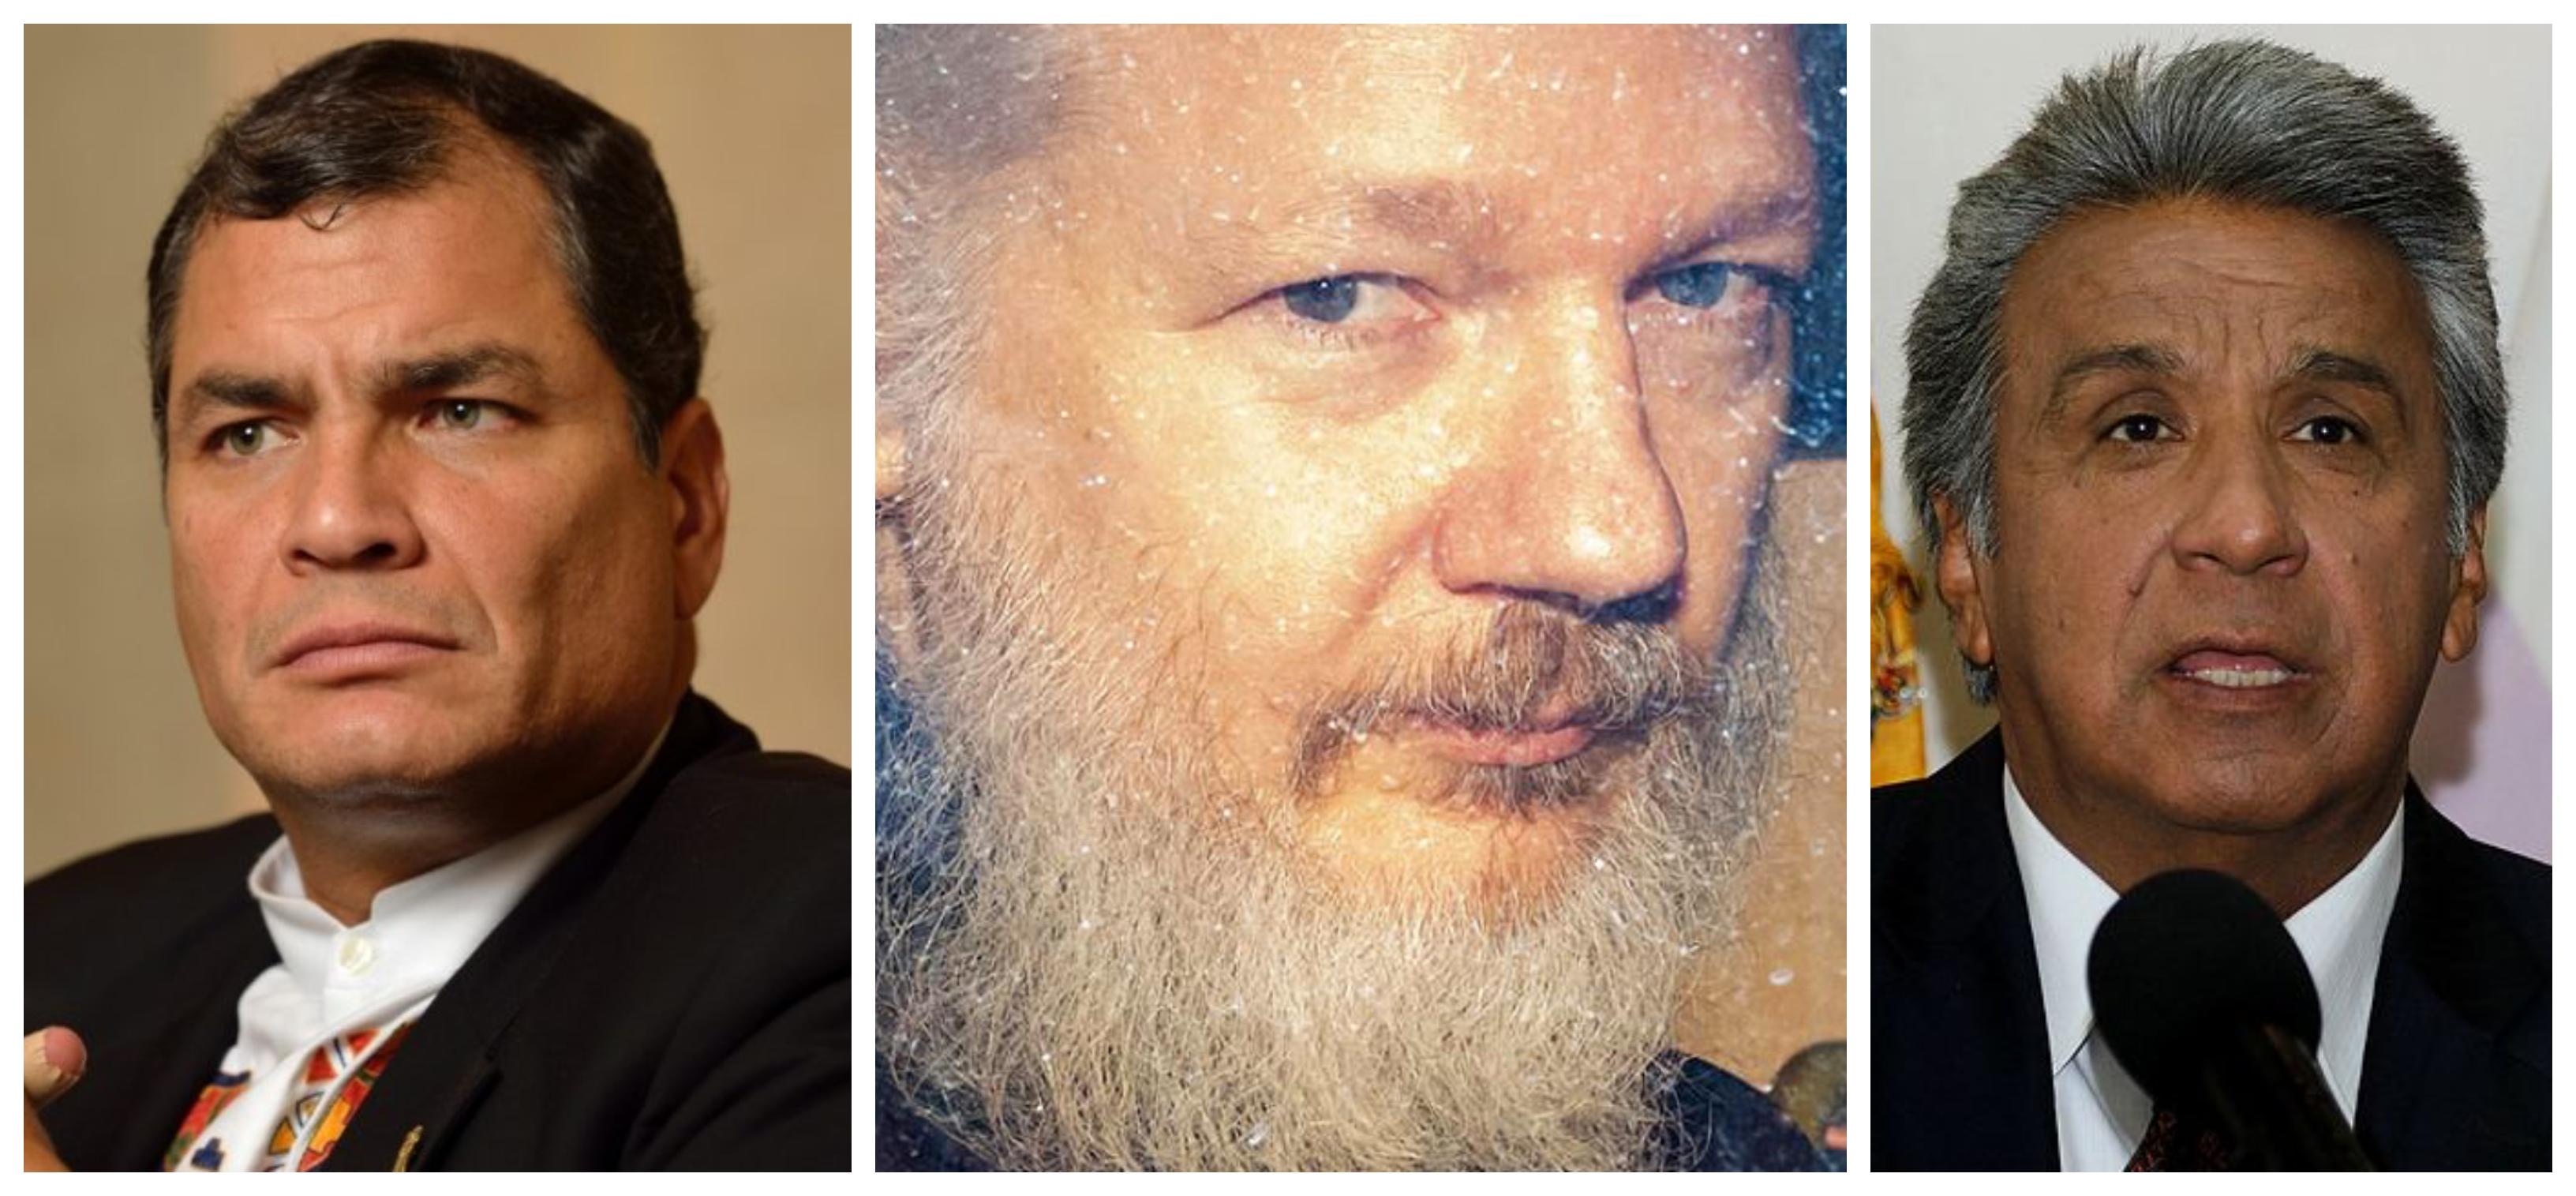 Rafael Correa: Prisão de Assange é vingança de Lenin Moreno, por ele revelar corrupção envolvendo presidente e família